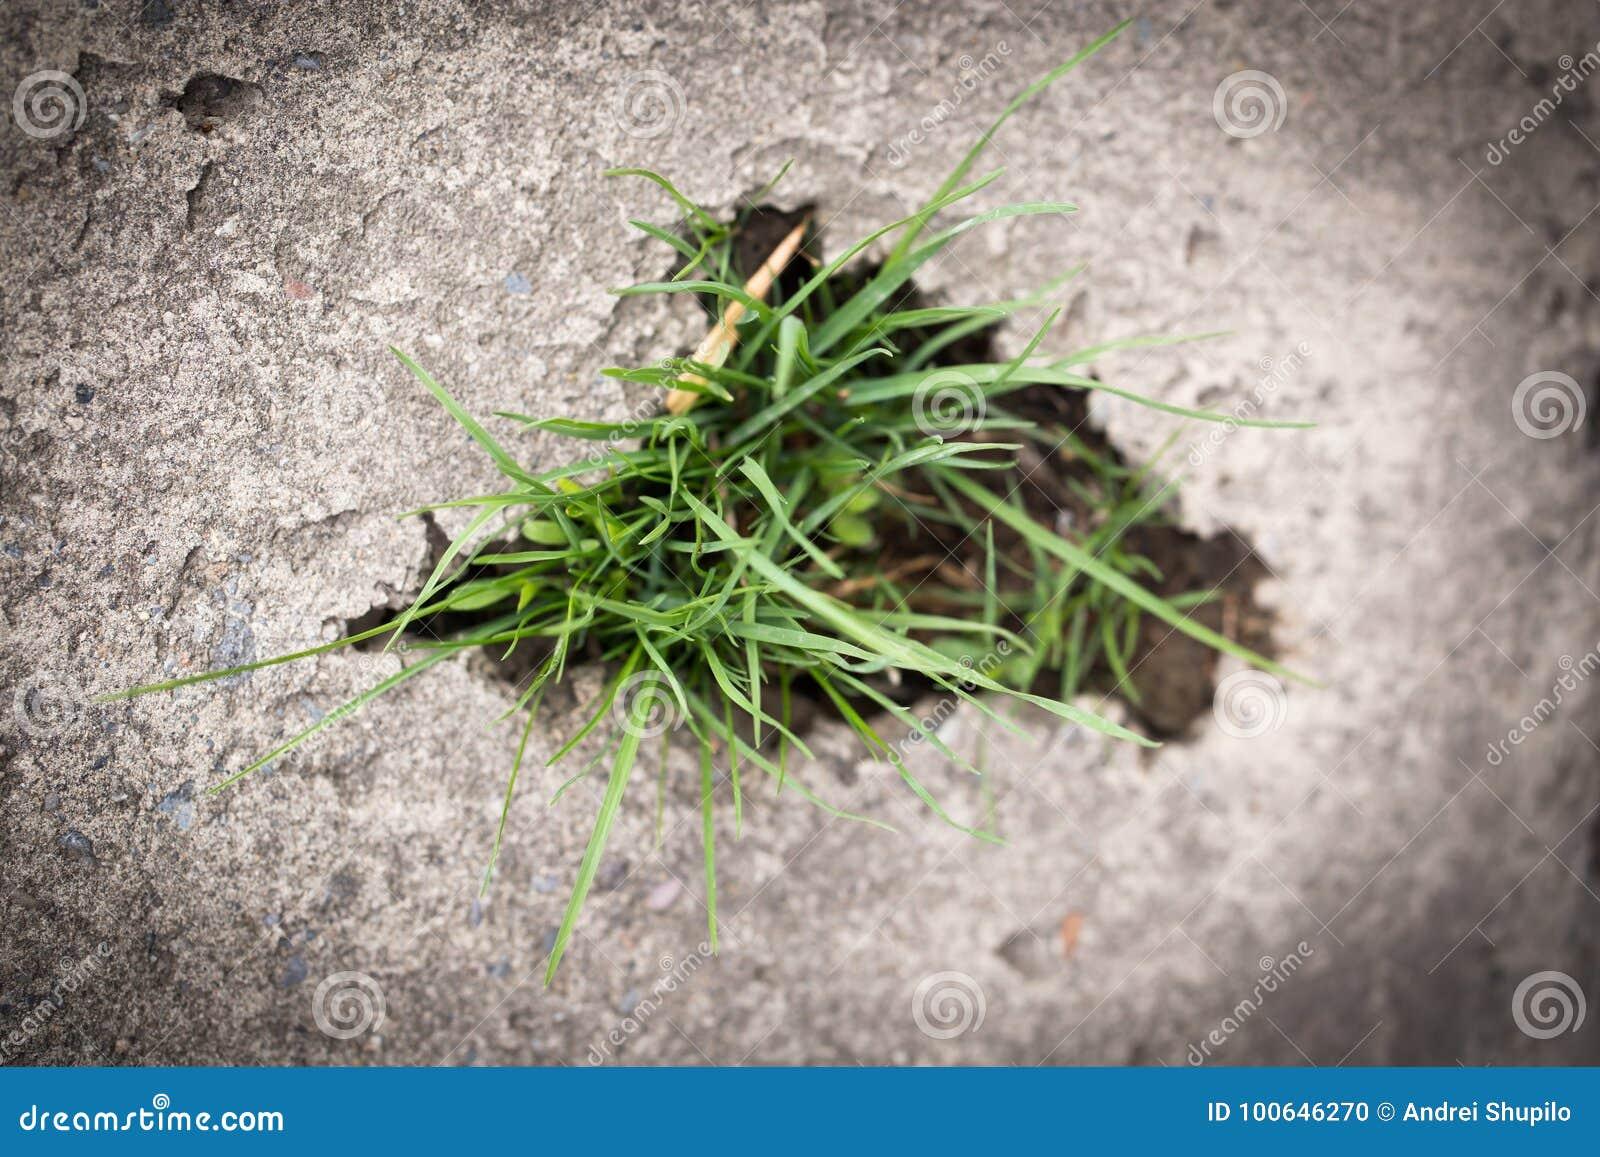 Трава в бетоне срок выдержки бетона